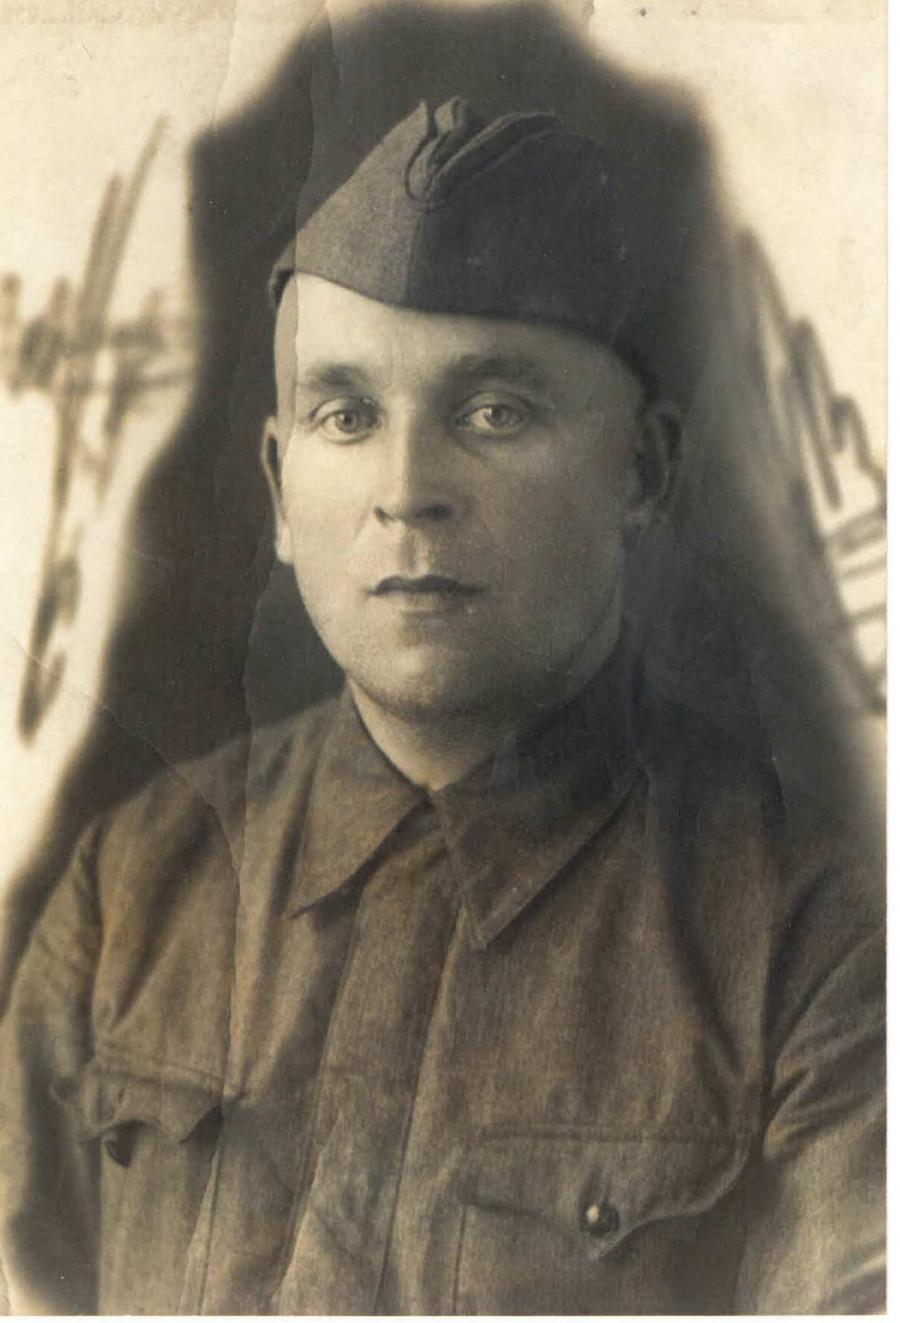 Чапайкин Иван Алексеевич - сержант 2-й дивизии народного ополчения Ленинграда.